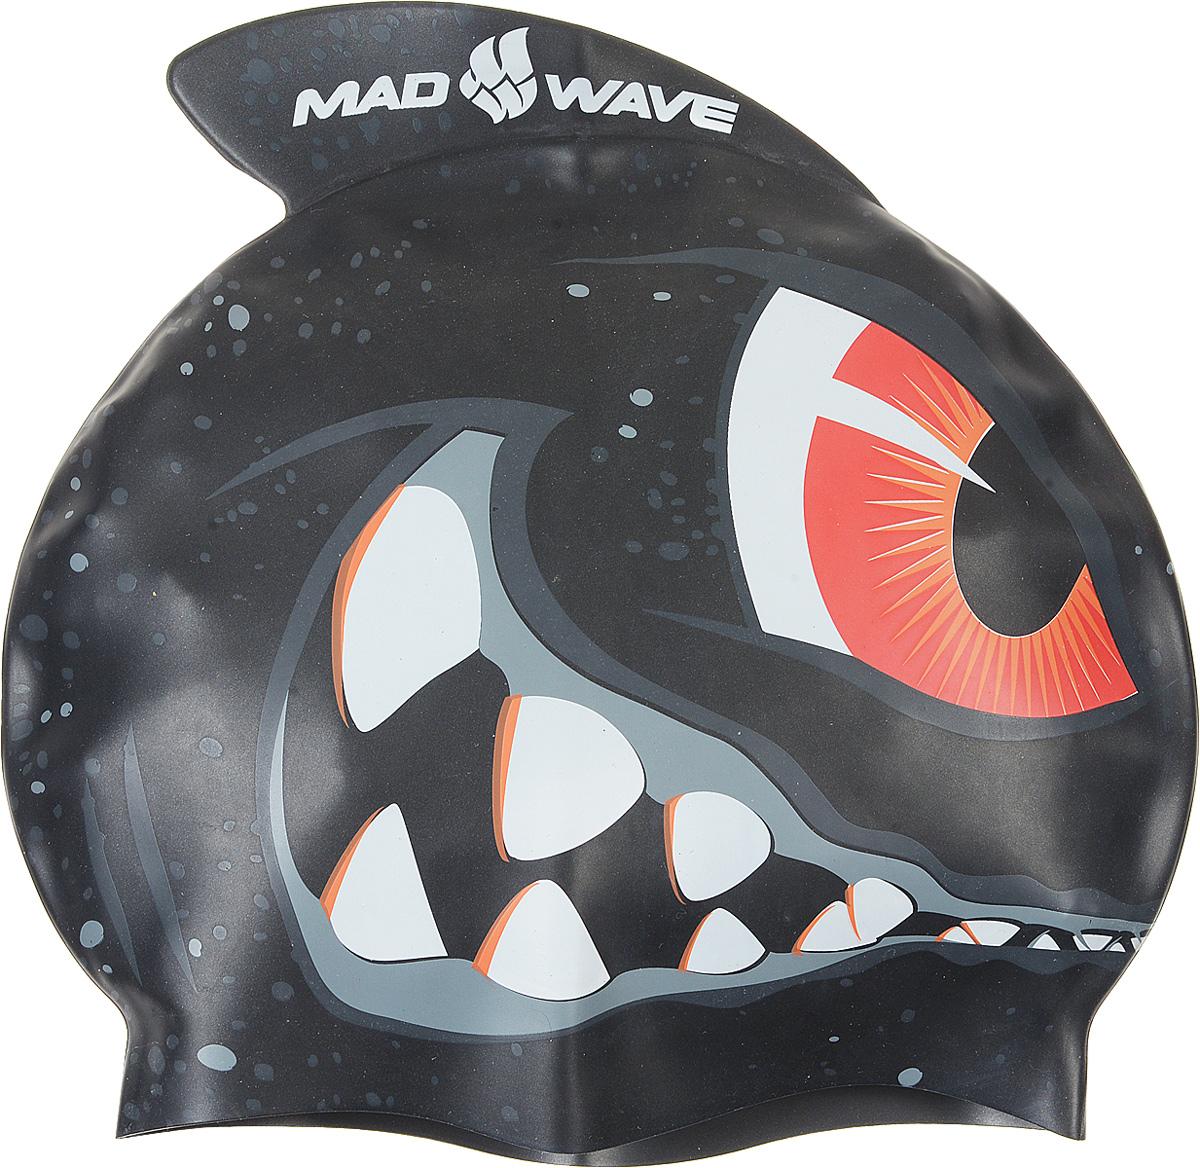 Детская шапочка для плавания MadWave Shark, силиконовая10010526Детская силиконовая шапочка MadWave Shark c рисунком в виде монстра на боковой части и плавником, который был создан нашими дизайнерами специально для этой серии. Данная шапочка особенно подойдёт юным спортсменам, которые уверенны в себе на все 100%. Характеристики:Материал: силикон.Размер шапочки: 21 см x 19 см. Производитель: Китай. Артикул: M0542 02 0 00W.